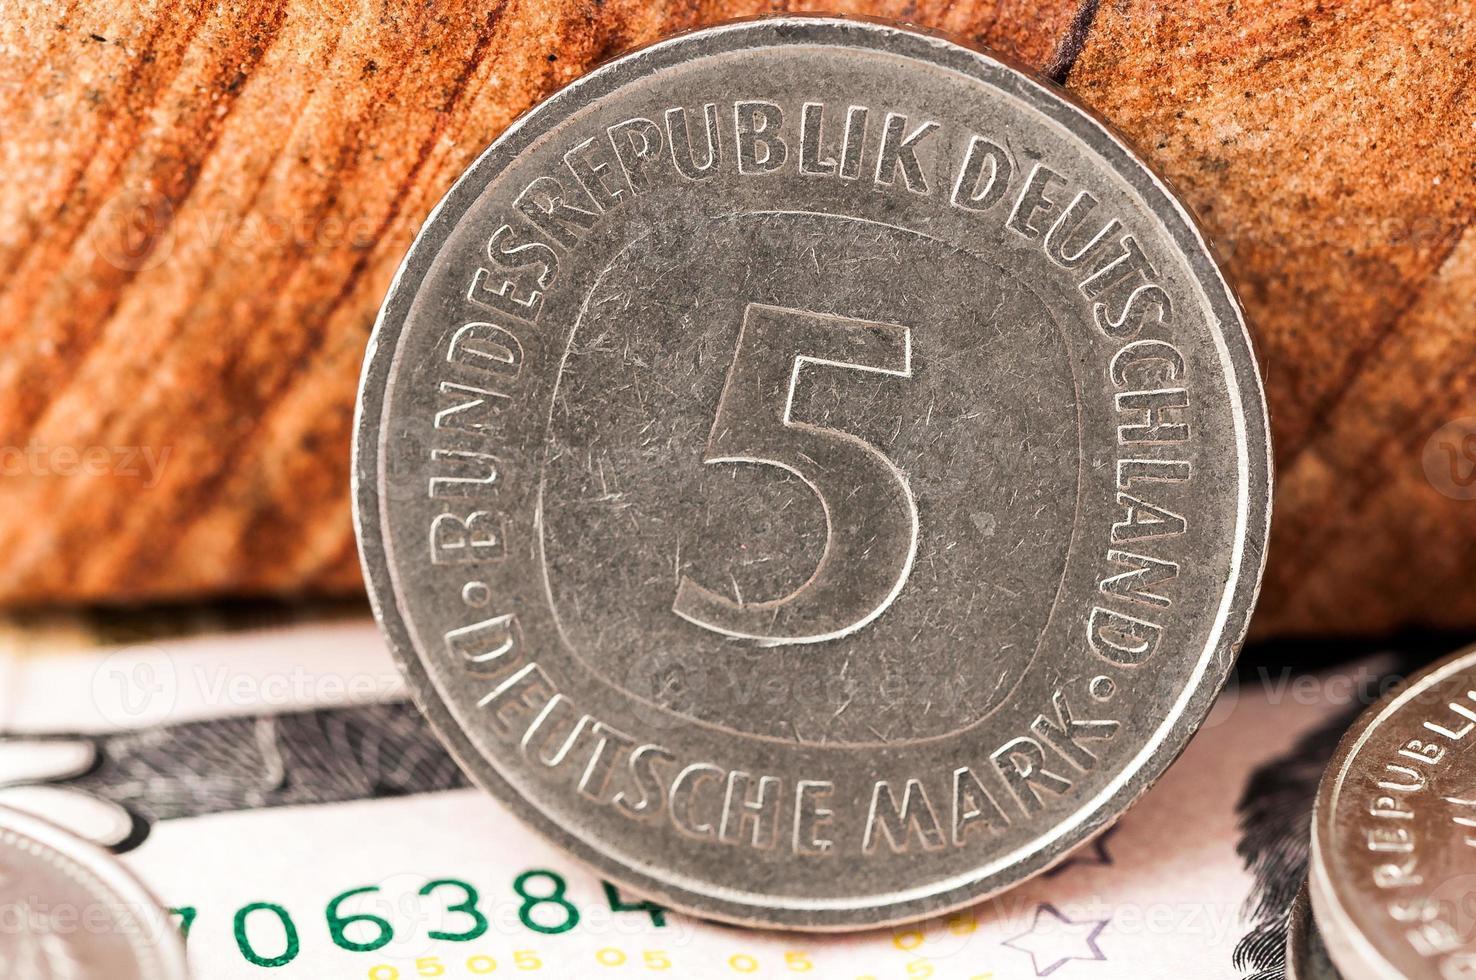 5 fem deutsche mark bundesrepubik deutschland foto